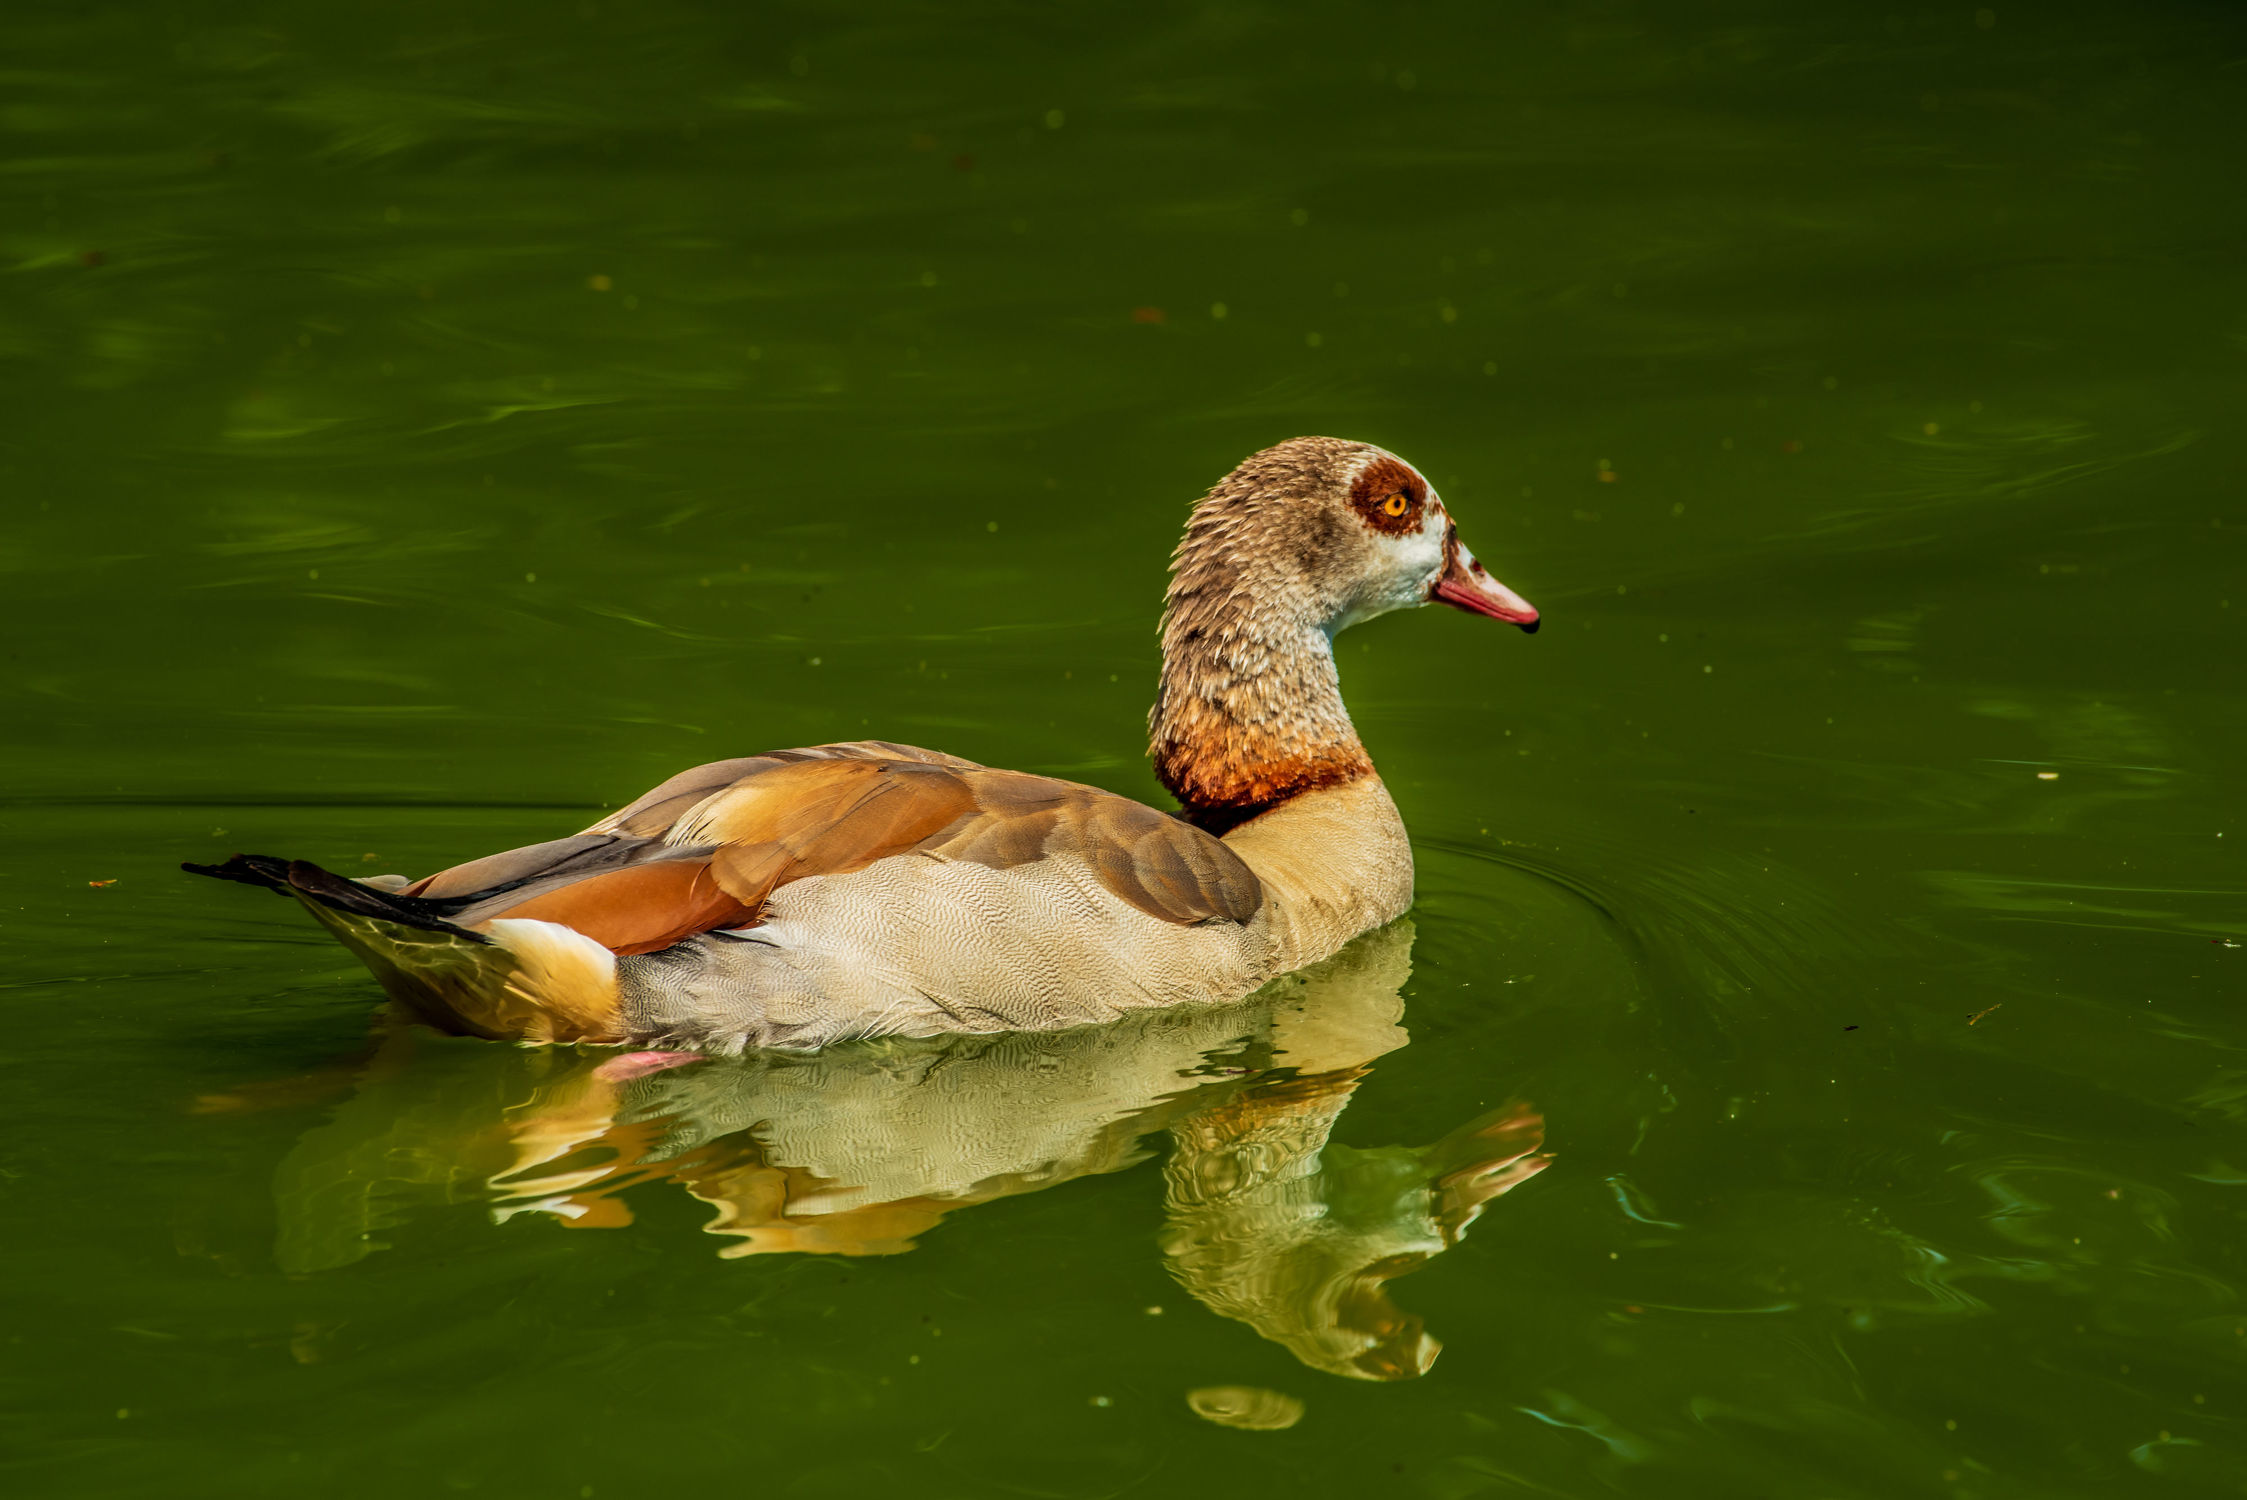 Bild mit Natur, Wasser, Wasservögel, Tier, Ente, Licht, See, Bunt, Teich, Spiegelungen, farbig, Schwimmen, Schatten, Reflexionen